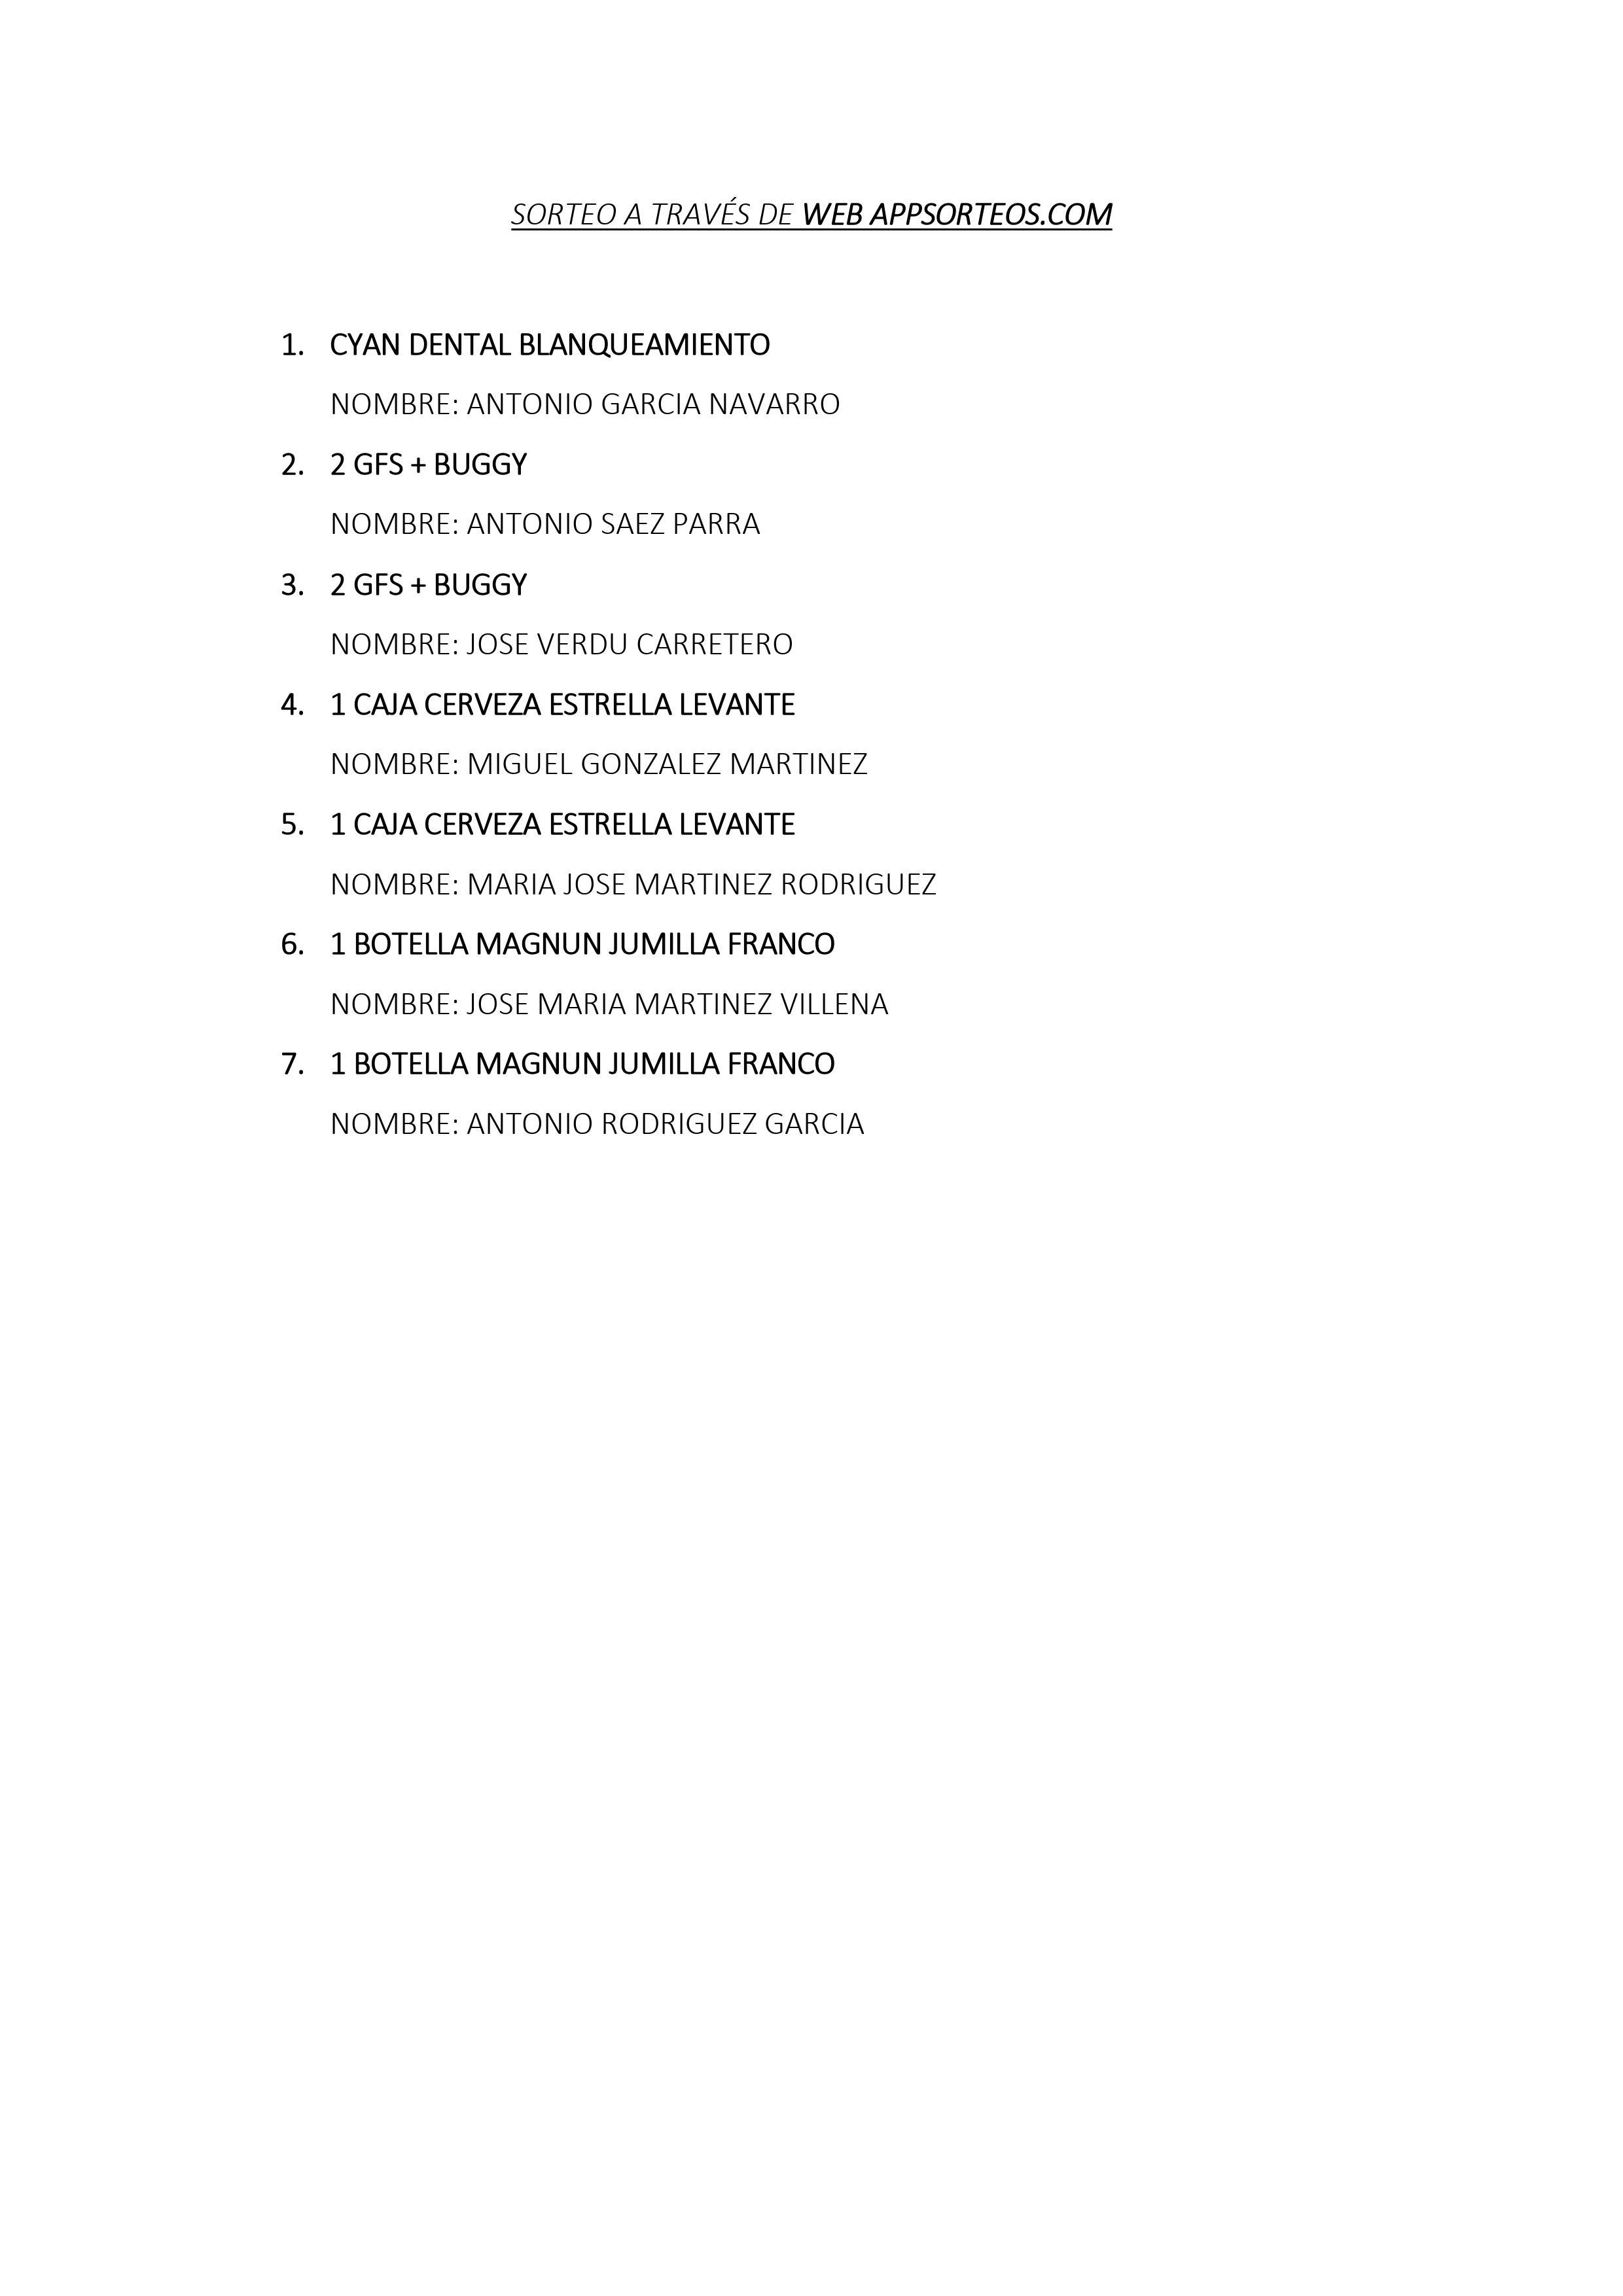 200614 LTO, Listado de premios (2)